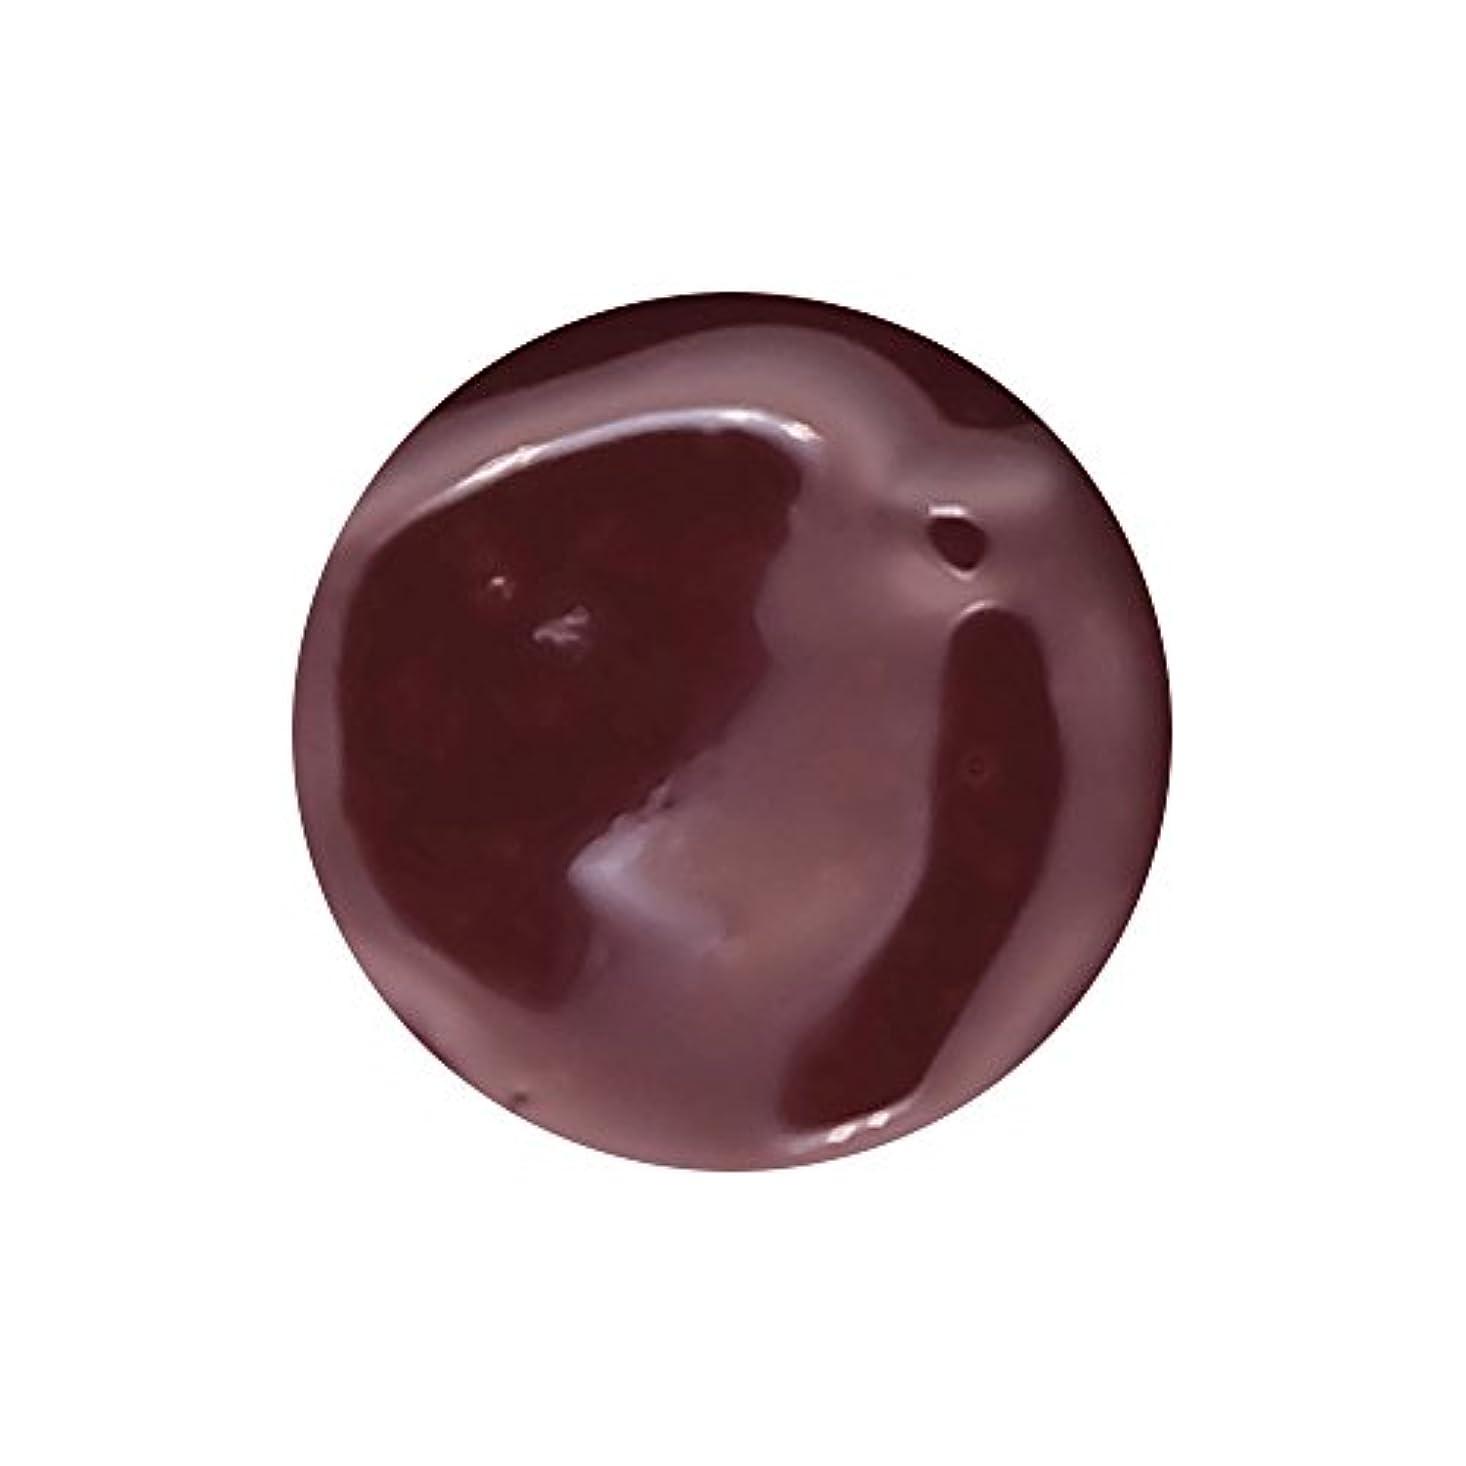 松理論的騒々しい「L-7 ミルキータイプ ルビーカシス」 irogel(イロジェル)ソークオフカラージェル 特別カラー